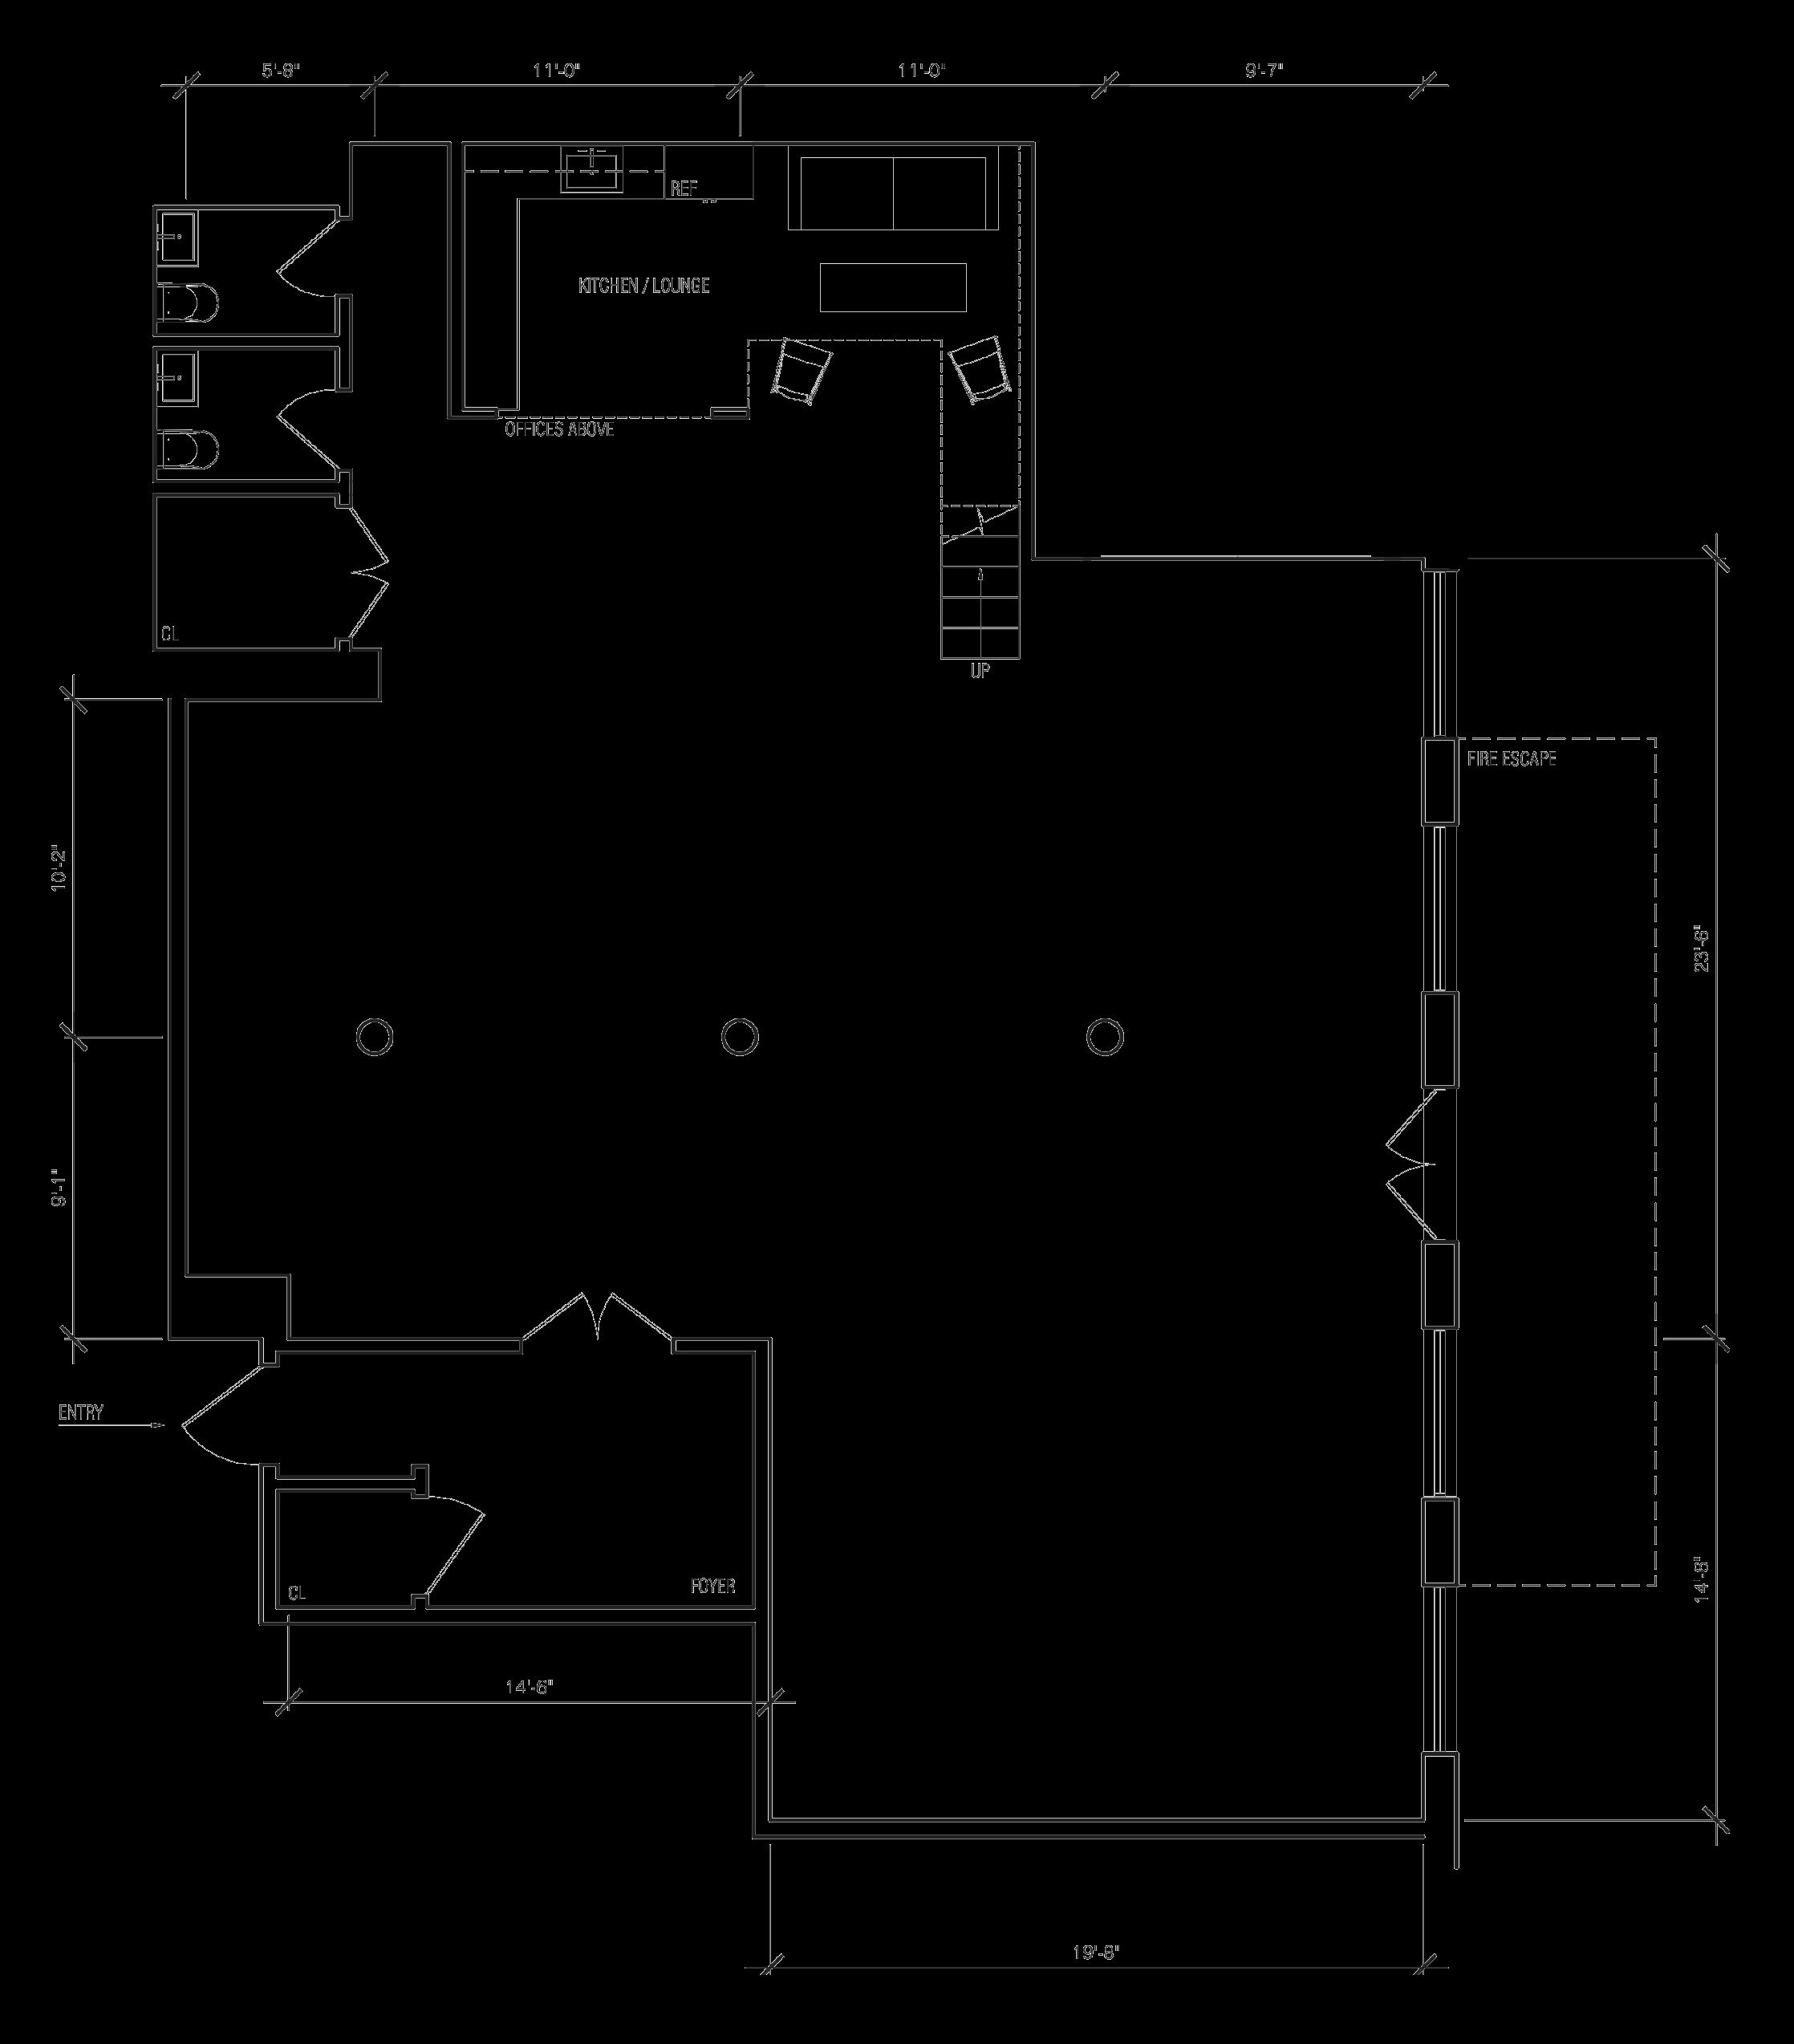 Blank Studio Floorplan.png